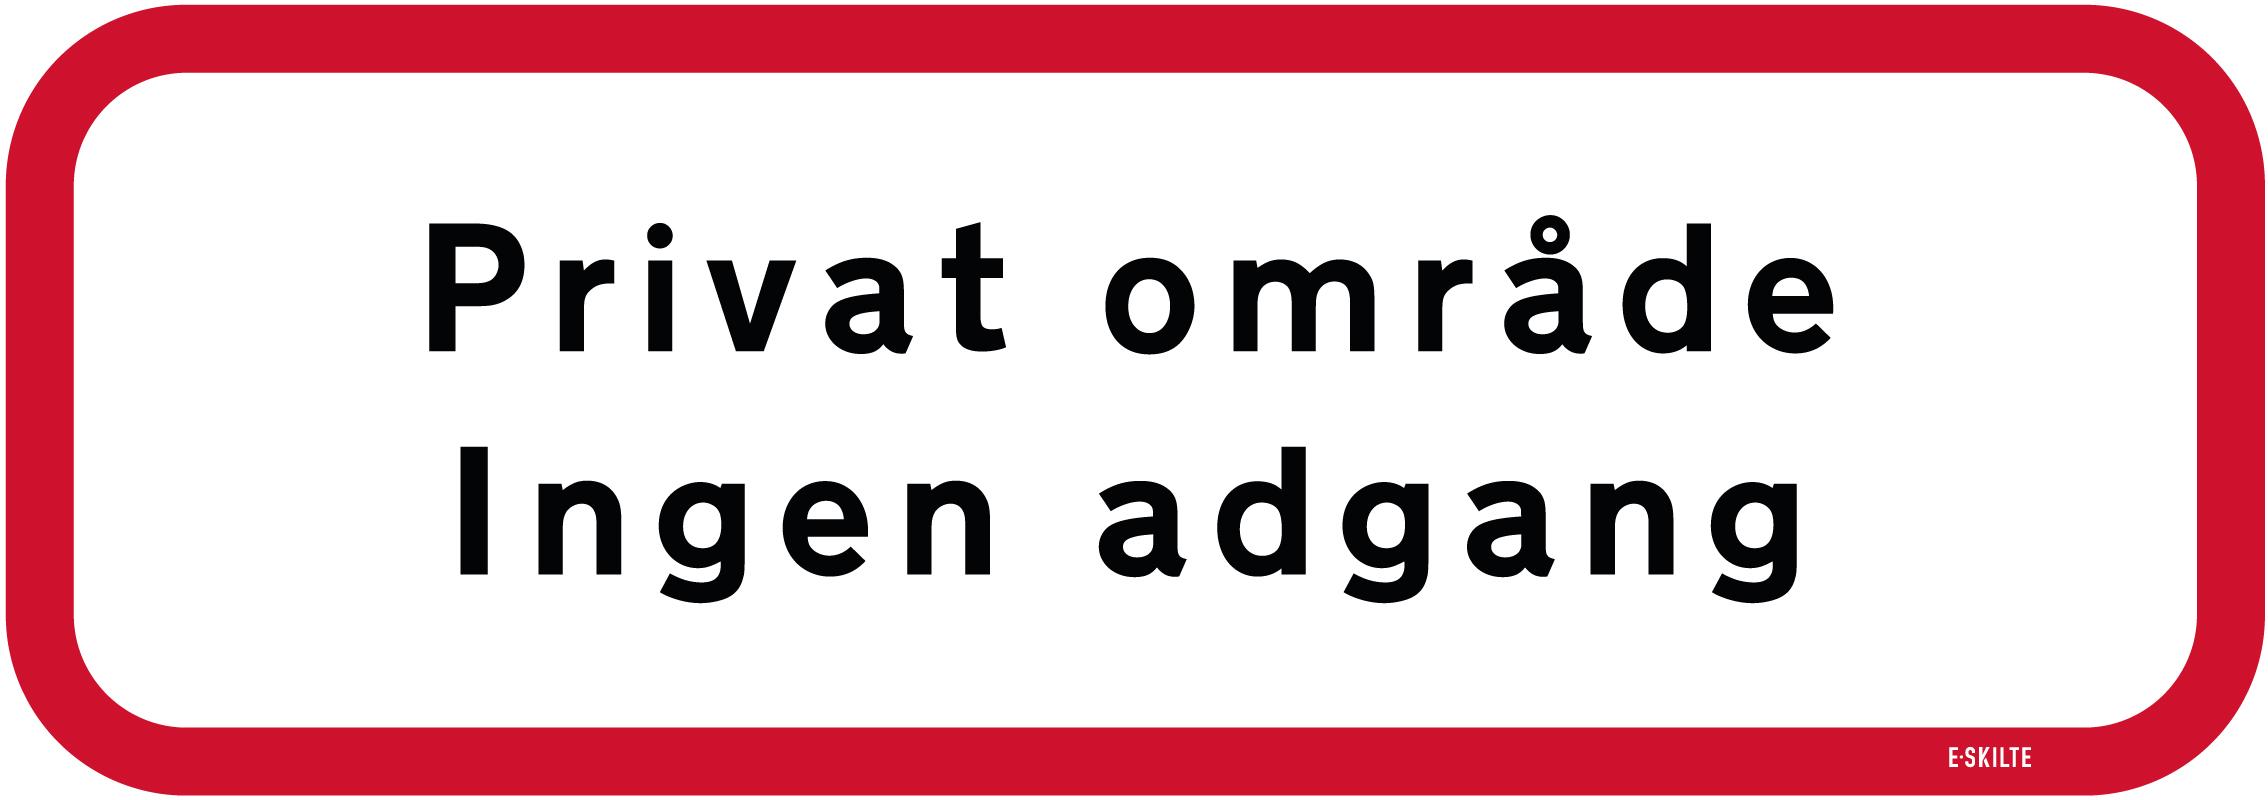 Privat område Ingen adgangs skilt